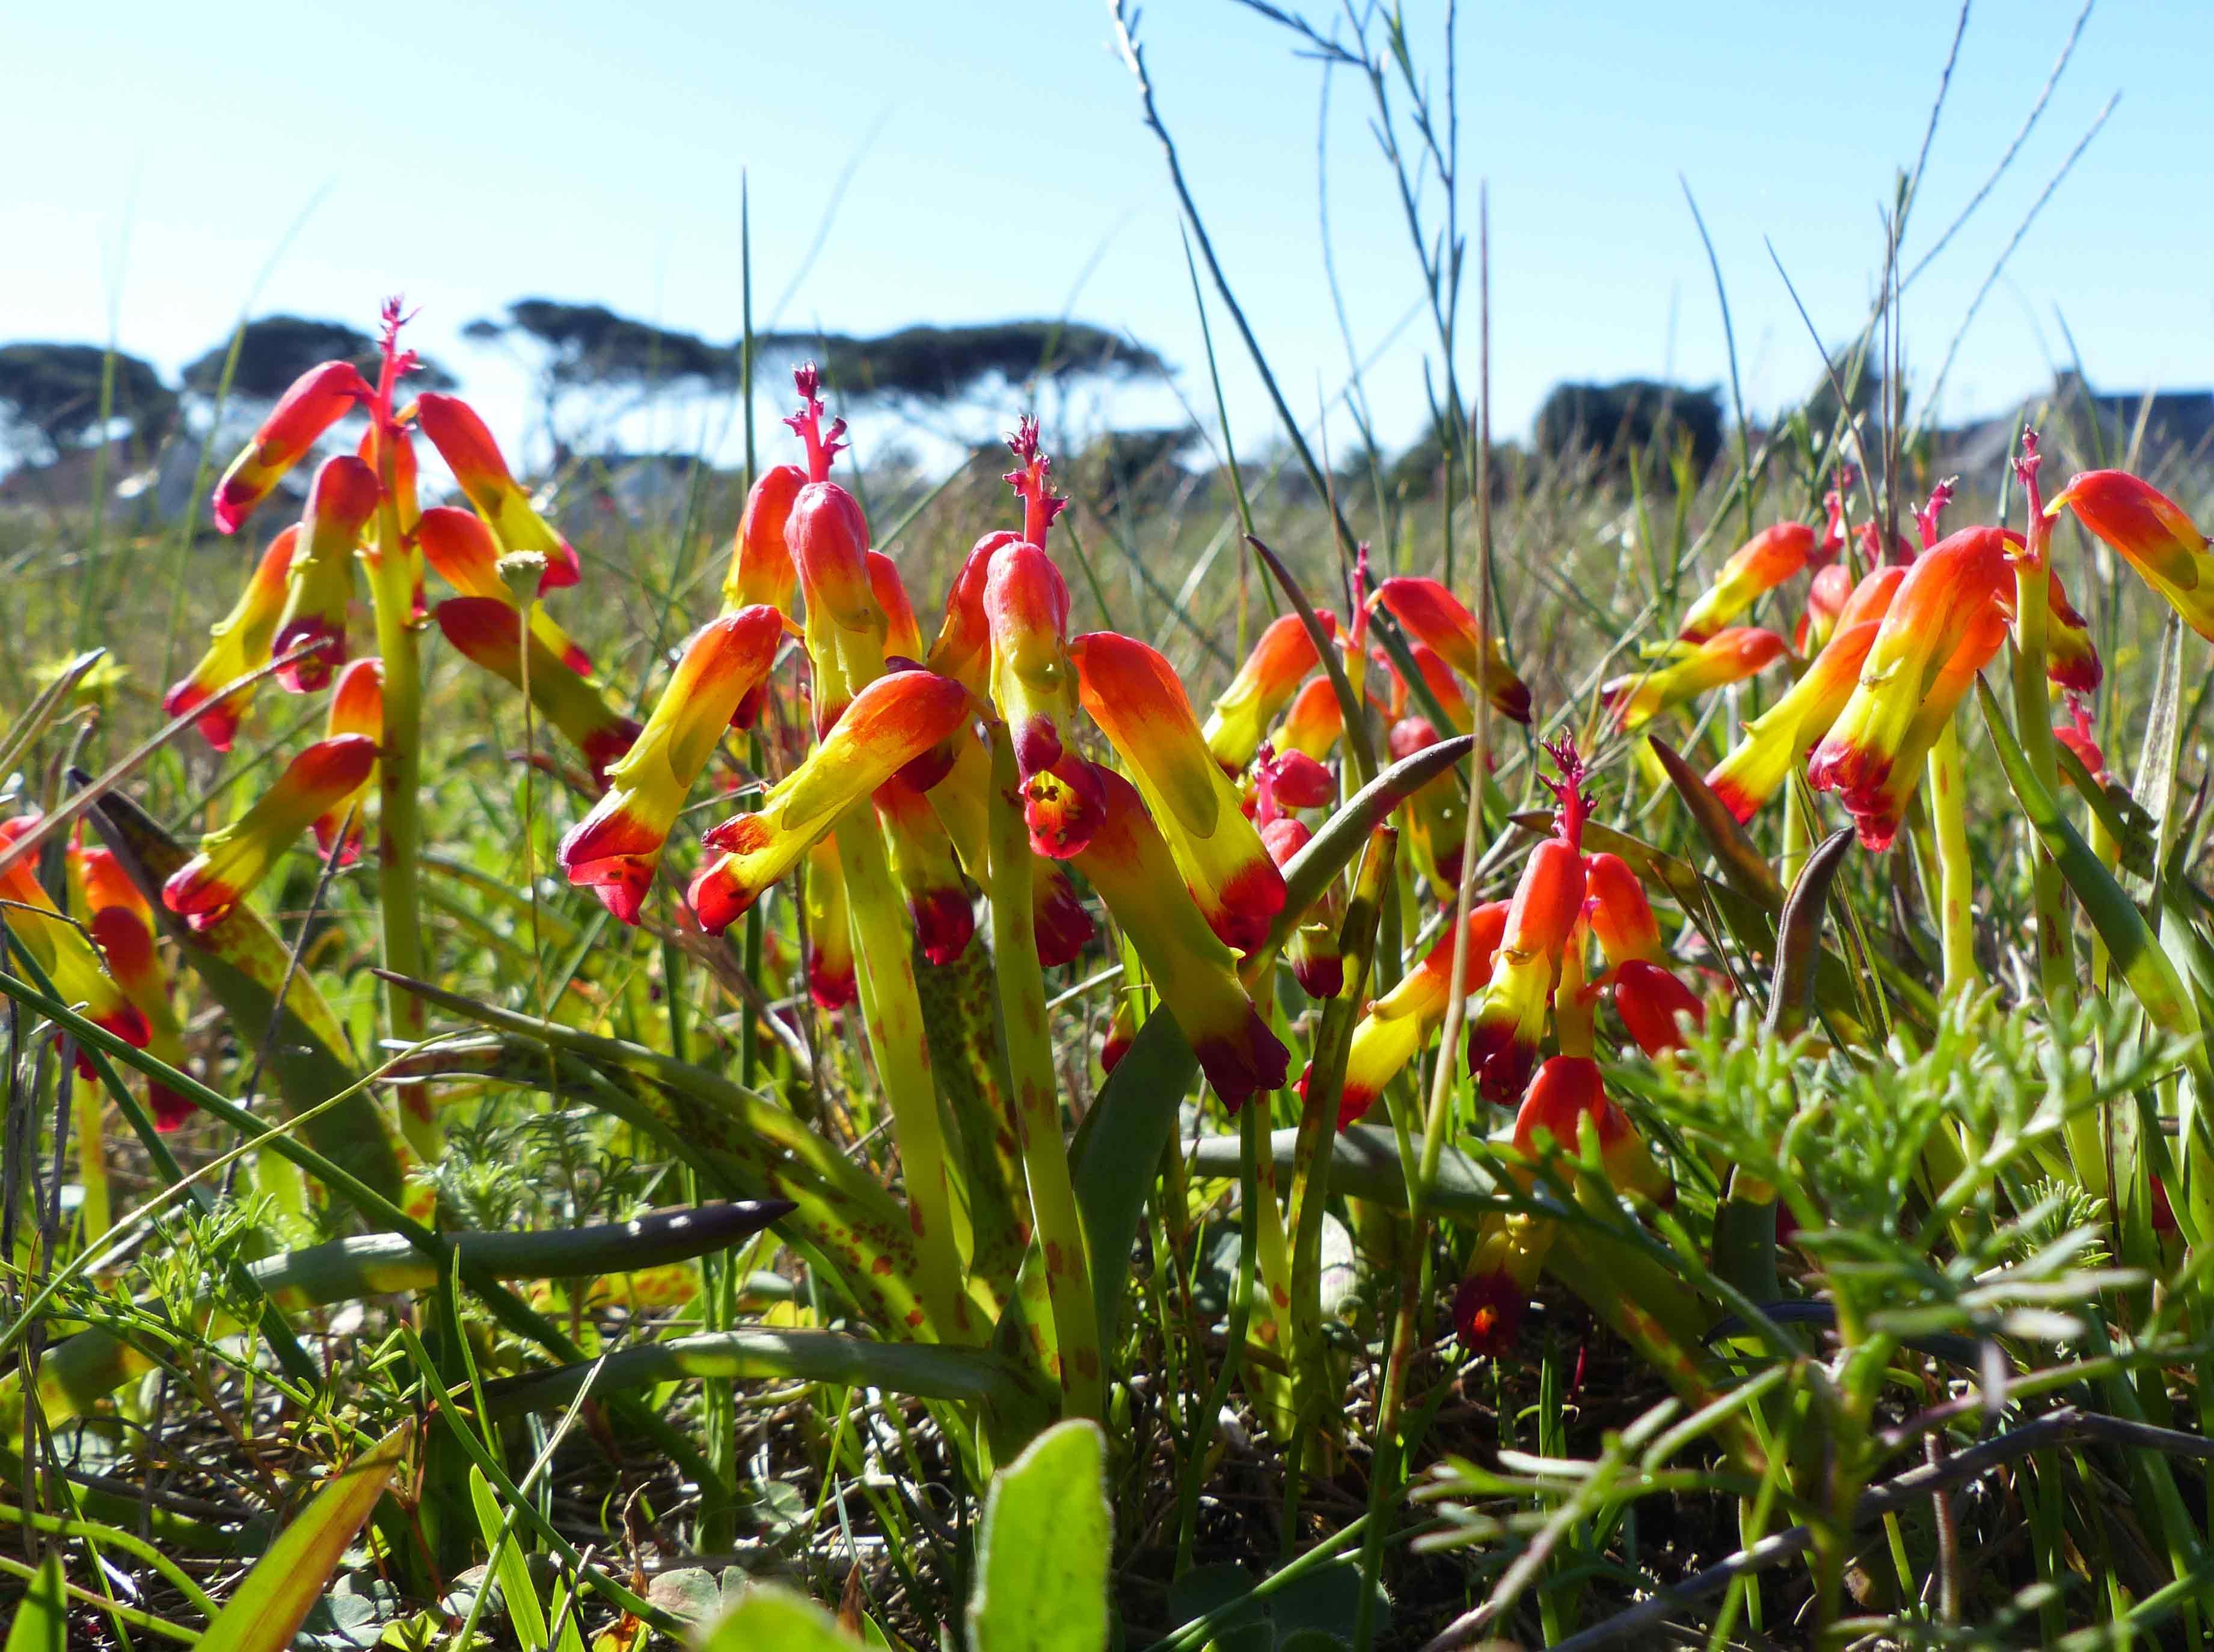 Lachenalia-aloides-Rondebosch-Common